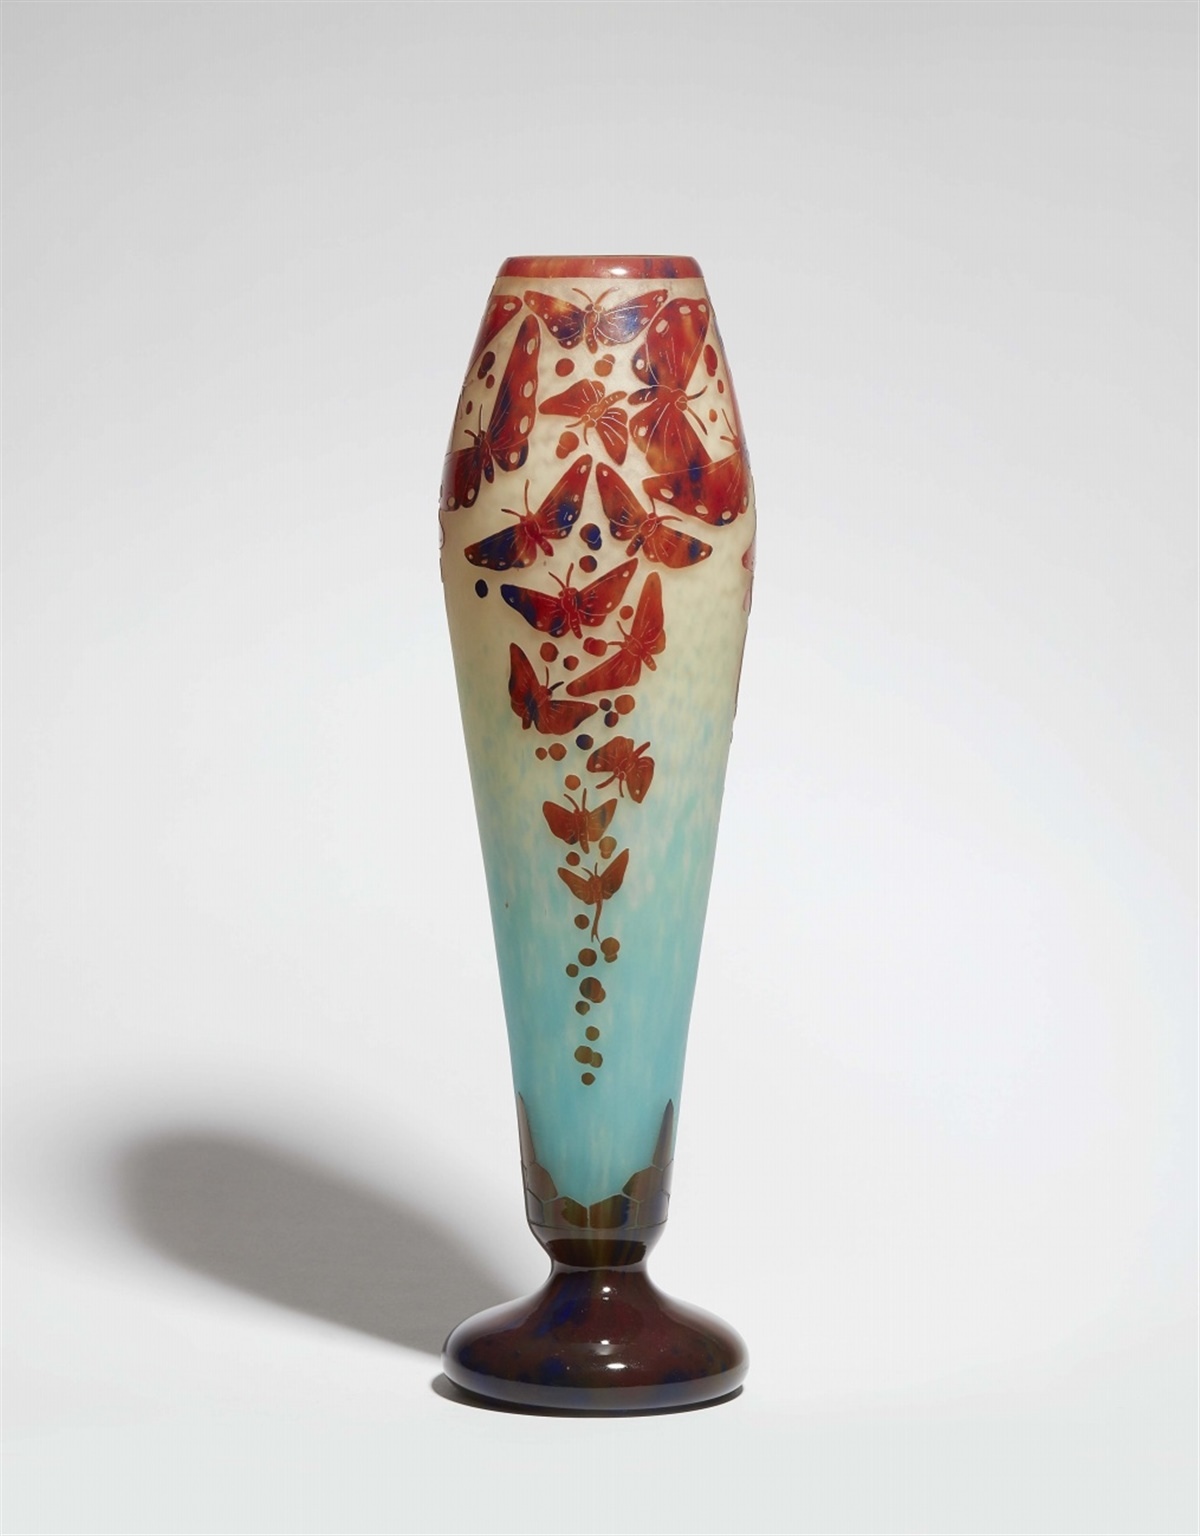 Vase papillonsMattes Milchglas mit gewölkten Pulvereinschmelzungen in Weiß und Blau, geätzter